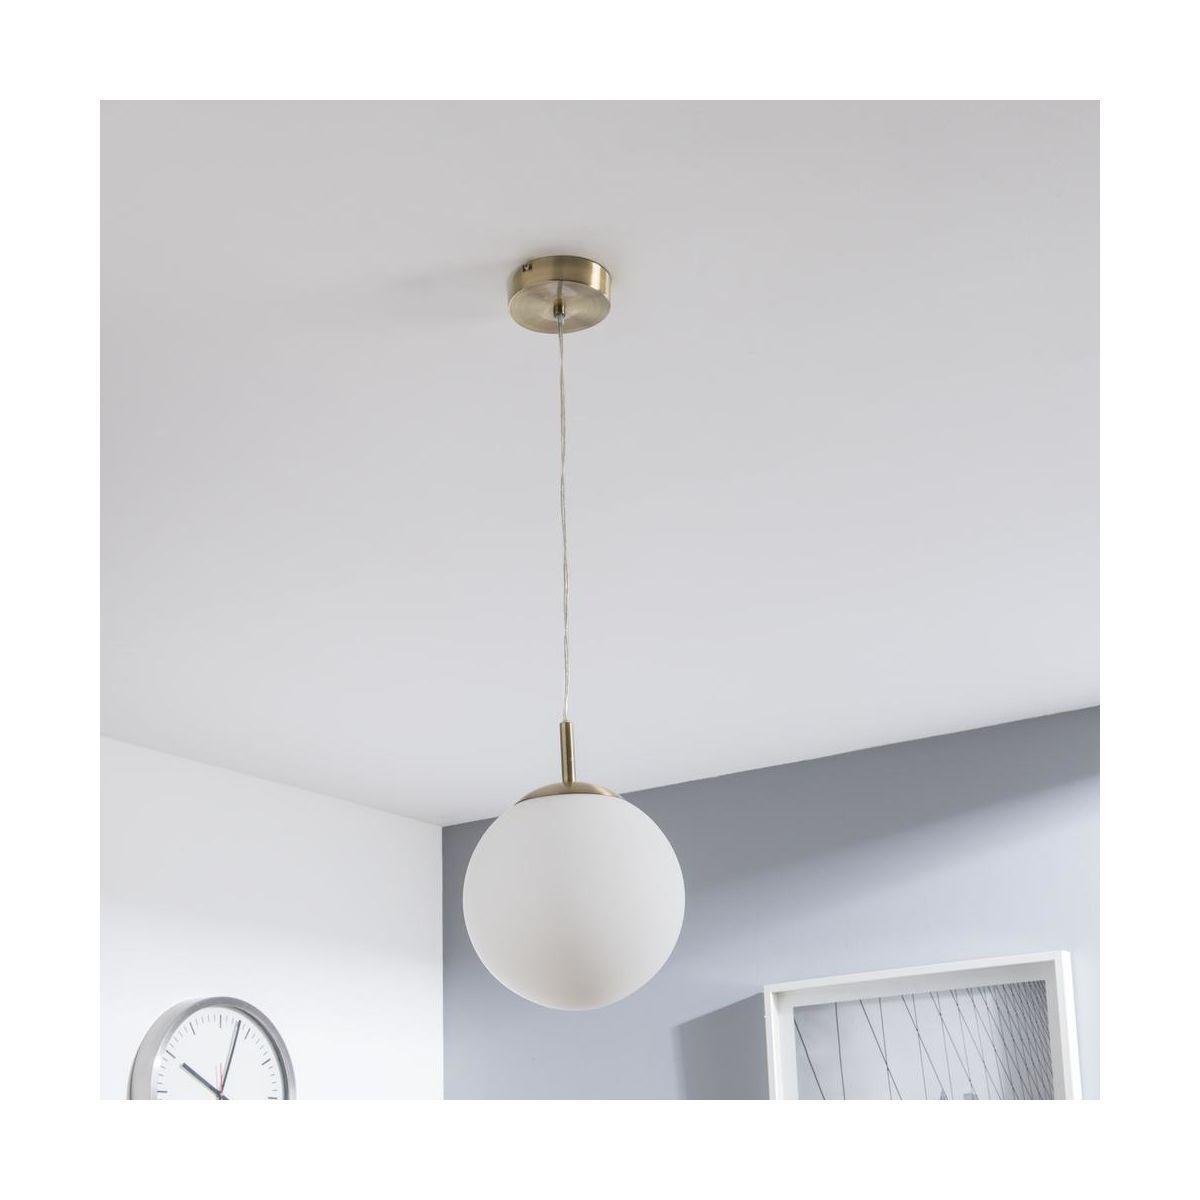 Lampa Wiszaca Celestine Zloto Biala E27 Inspire Zyrandole Lampy Wiszace I Sufitowe W Atrakcyjnej Cenie W Sklepach Leroy Merlin Home Decor Decor Lamp